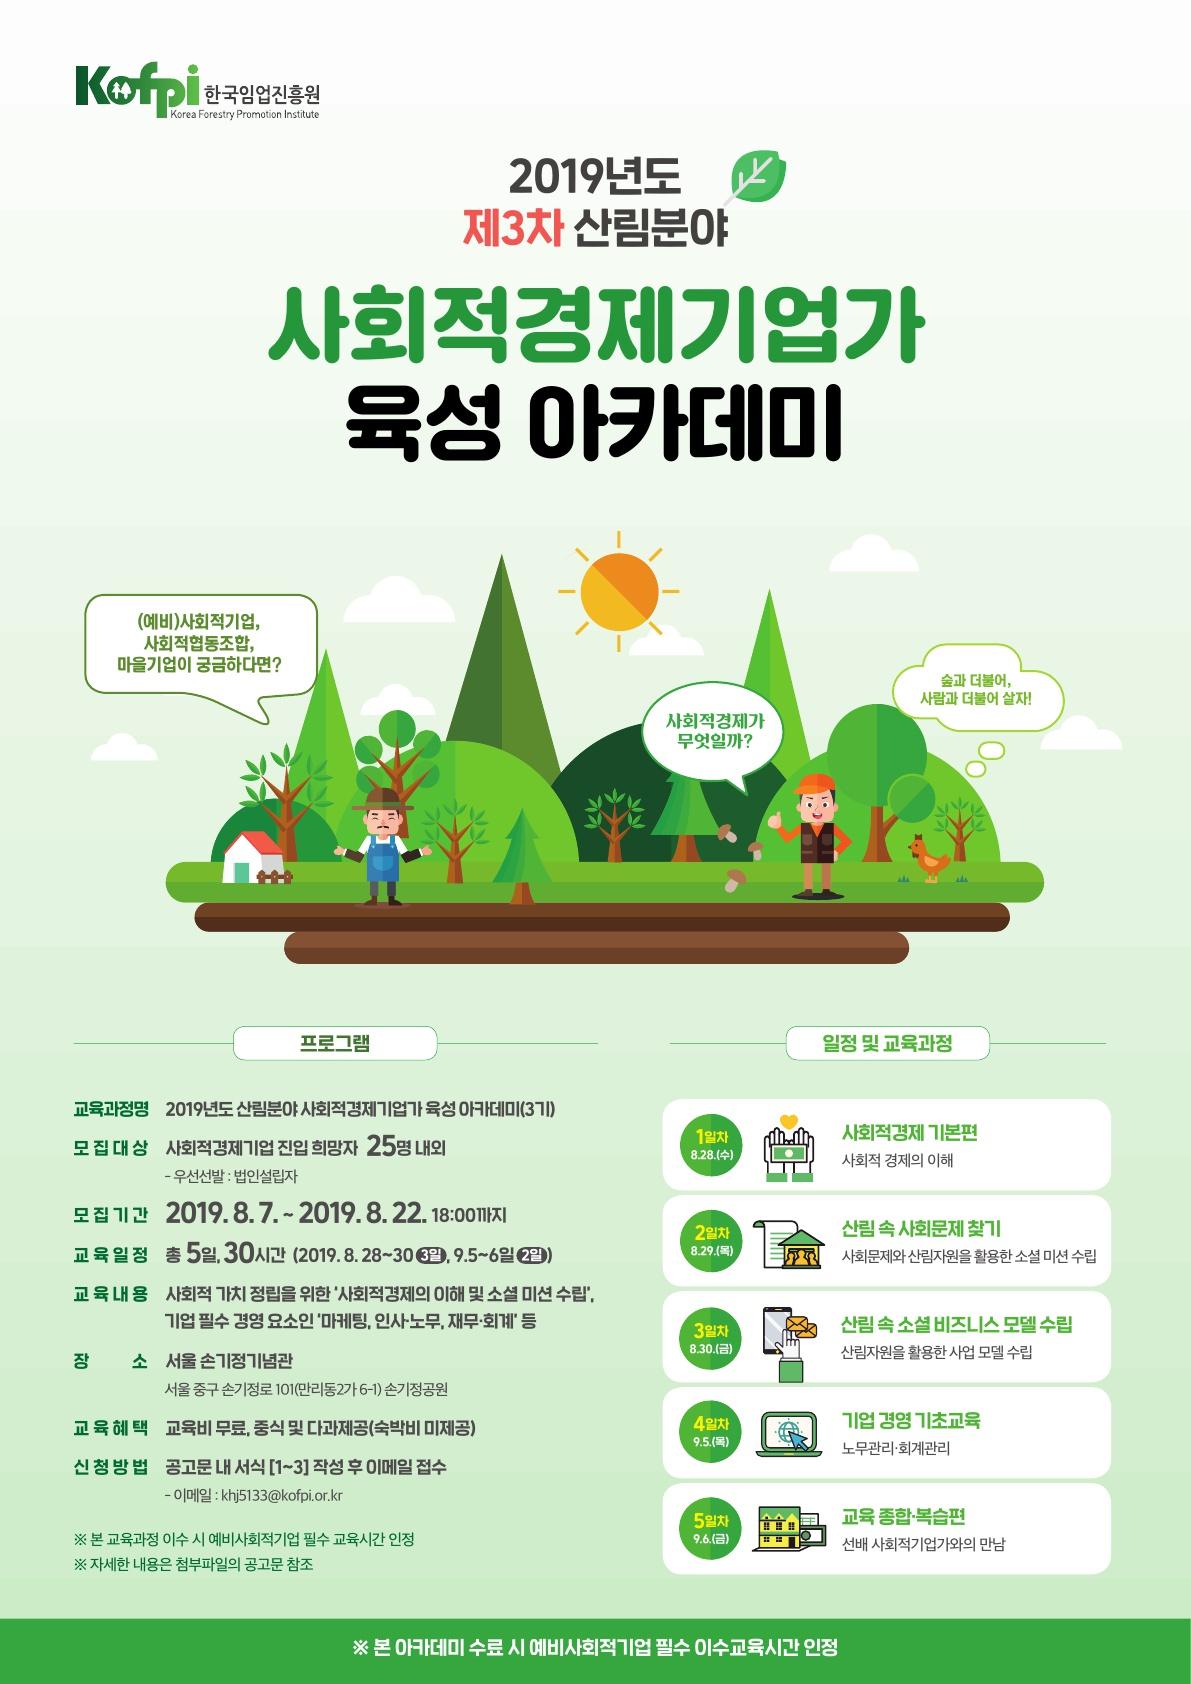 [공지] 한국임업진흥원 | 2019년도 제3차 산림분야사회적경제기업가 육성 아카데미 모집 공고